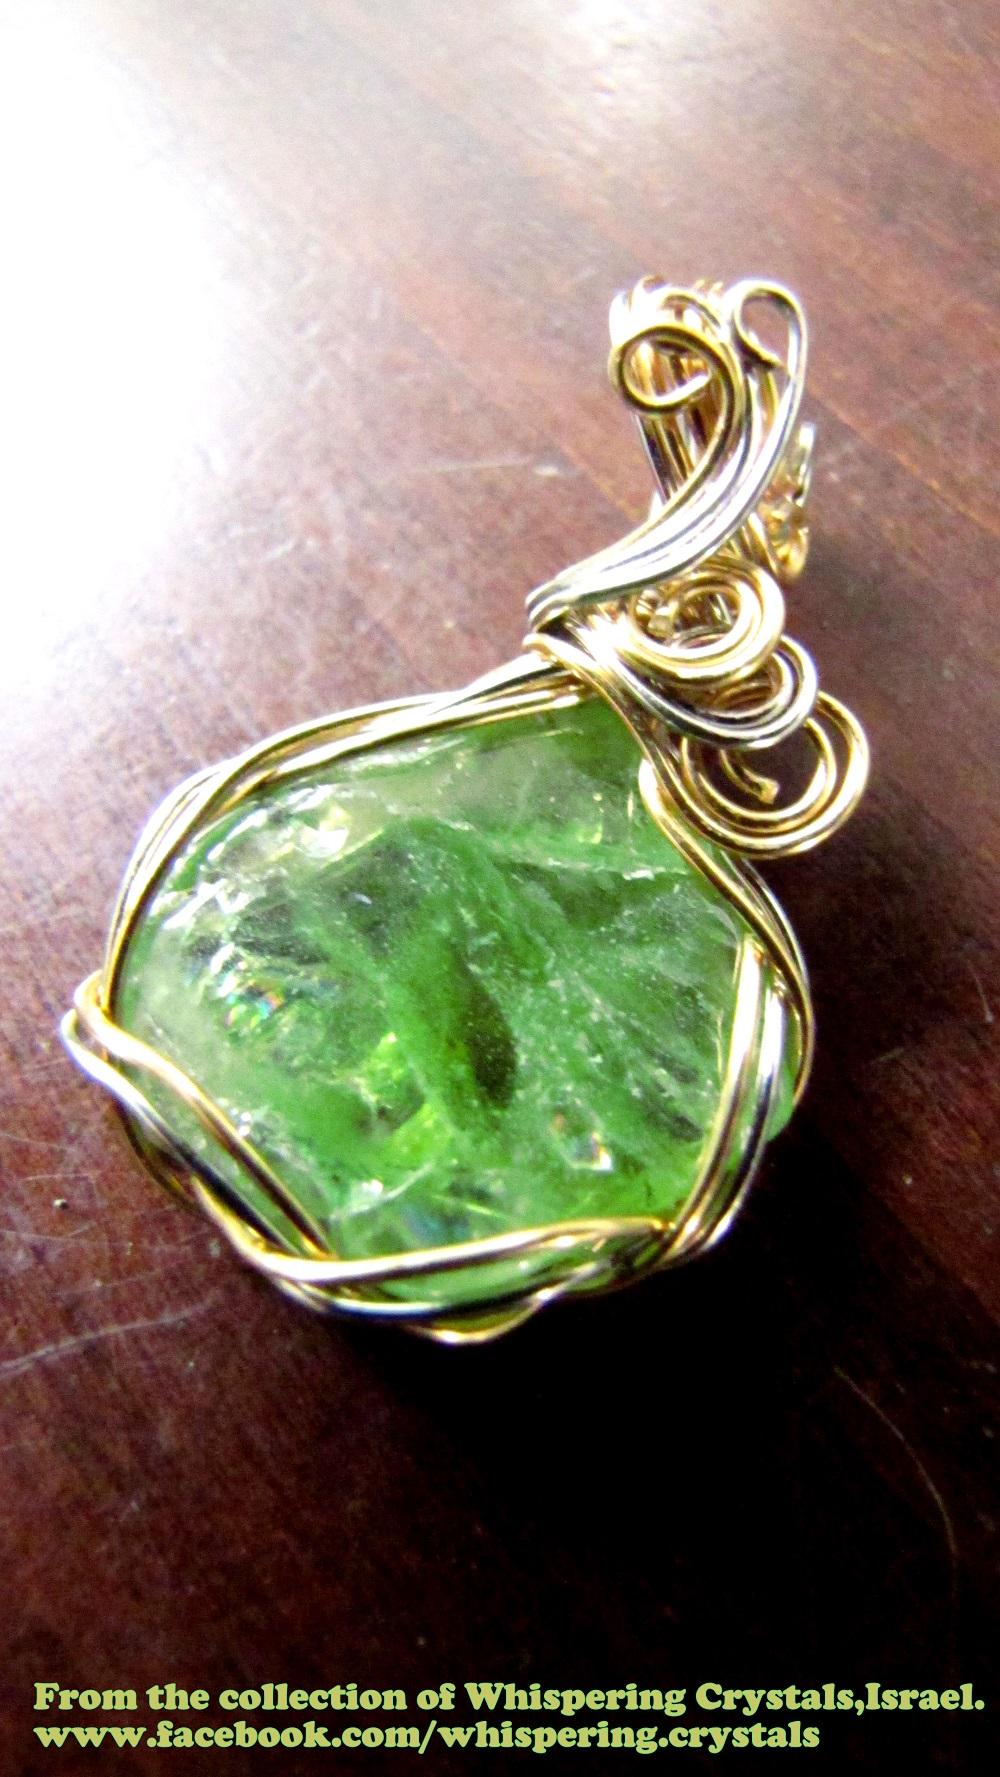 פרידוט איכותית משובצת בנחושת. מהאוסף של 'וויספרינג קריסטלס' www.facebook.com/whispering.crystals